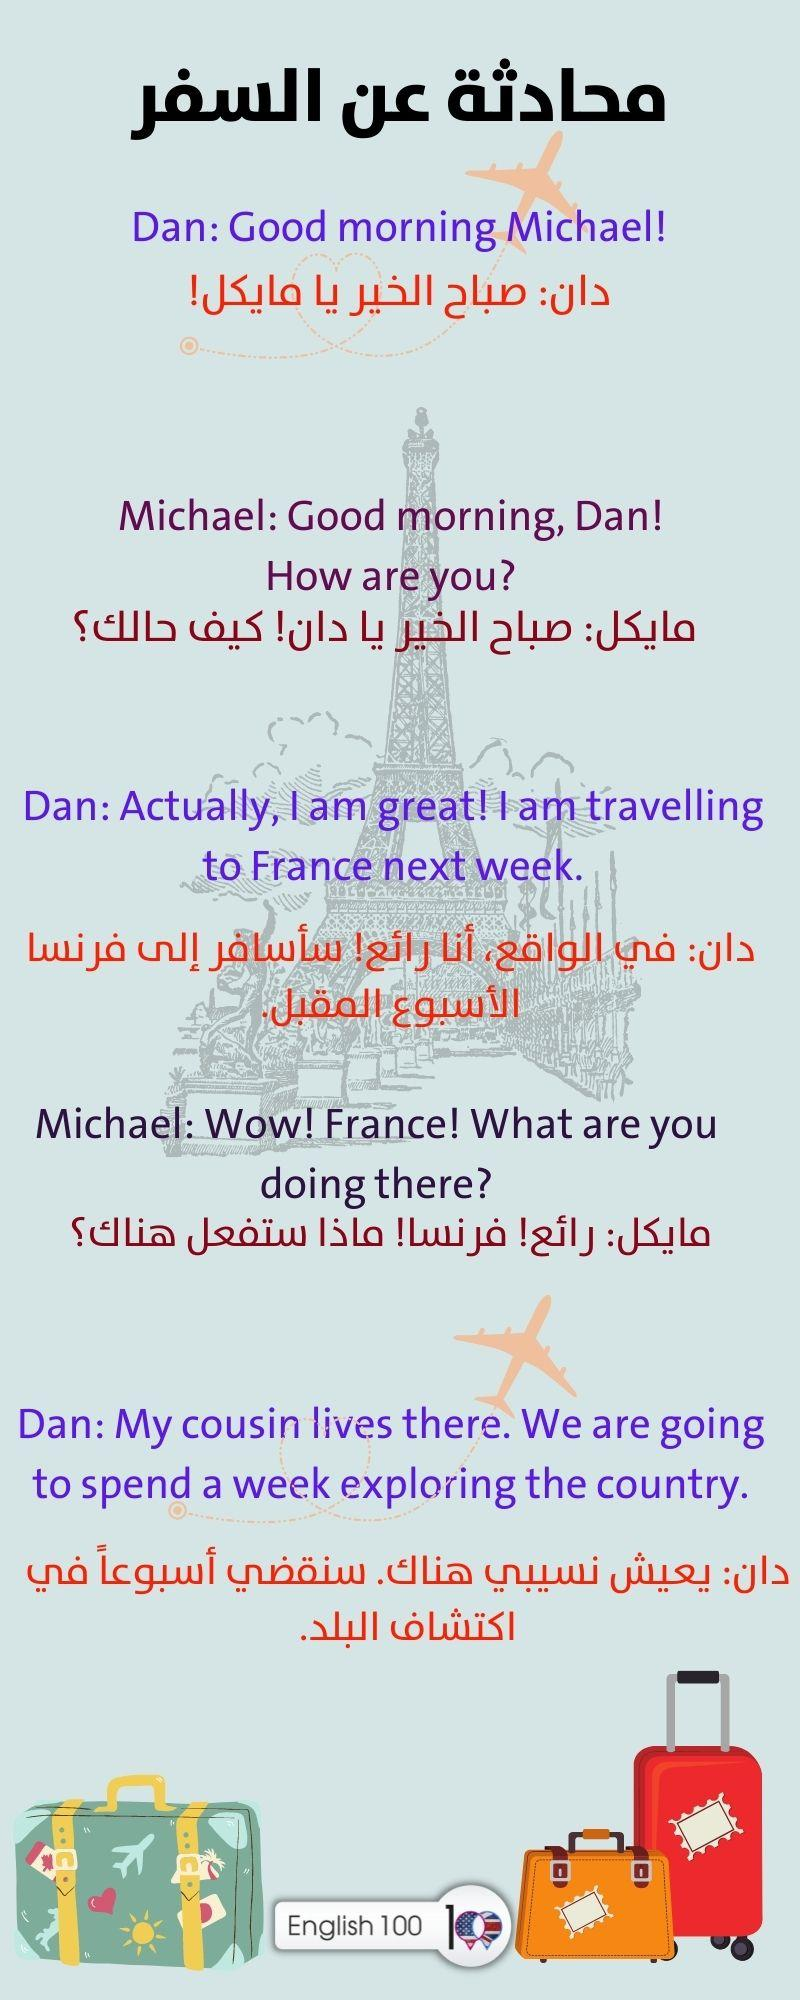 محادثة بين شخصين بالانجليزي عن السفر Conversation between Two People in English about Travelling